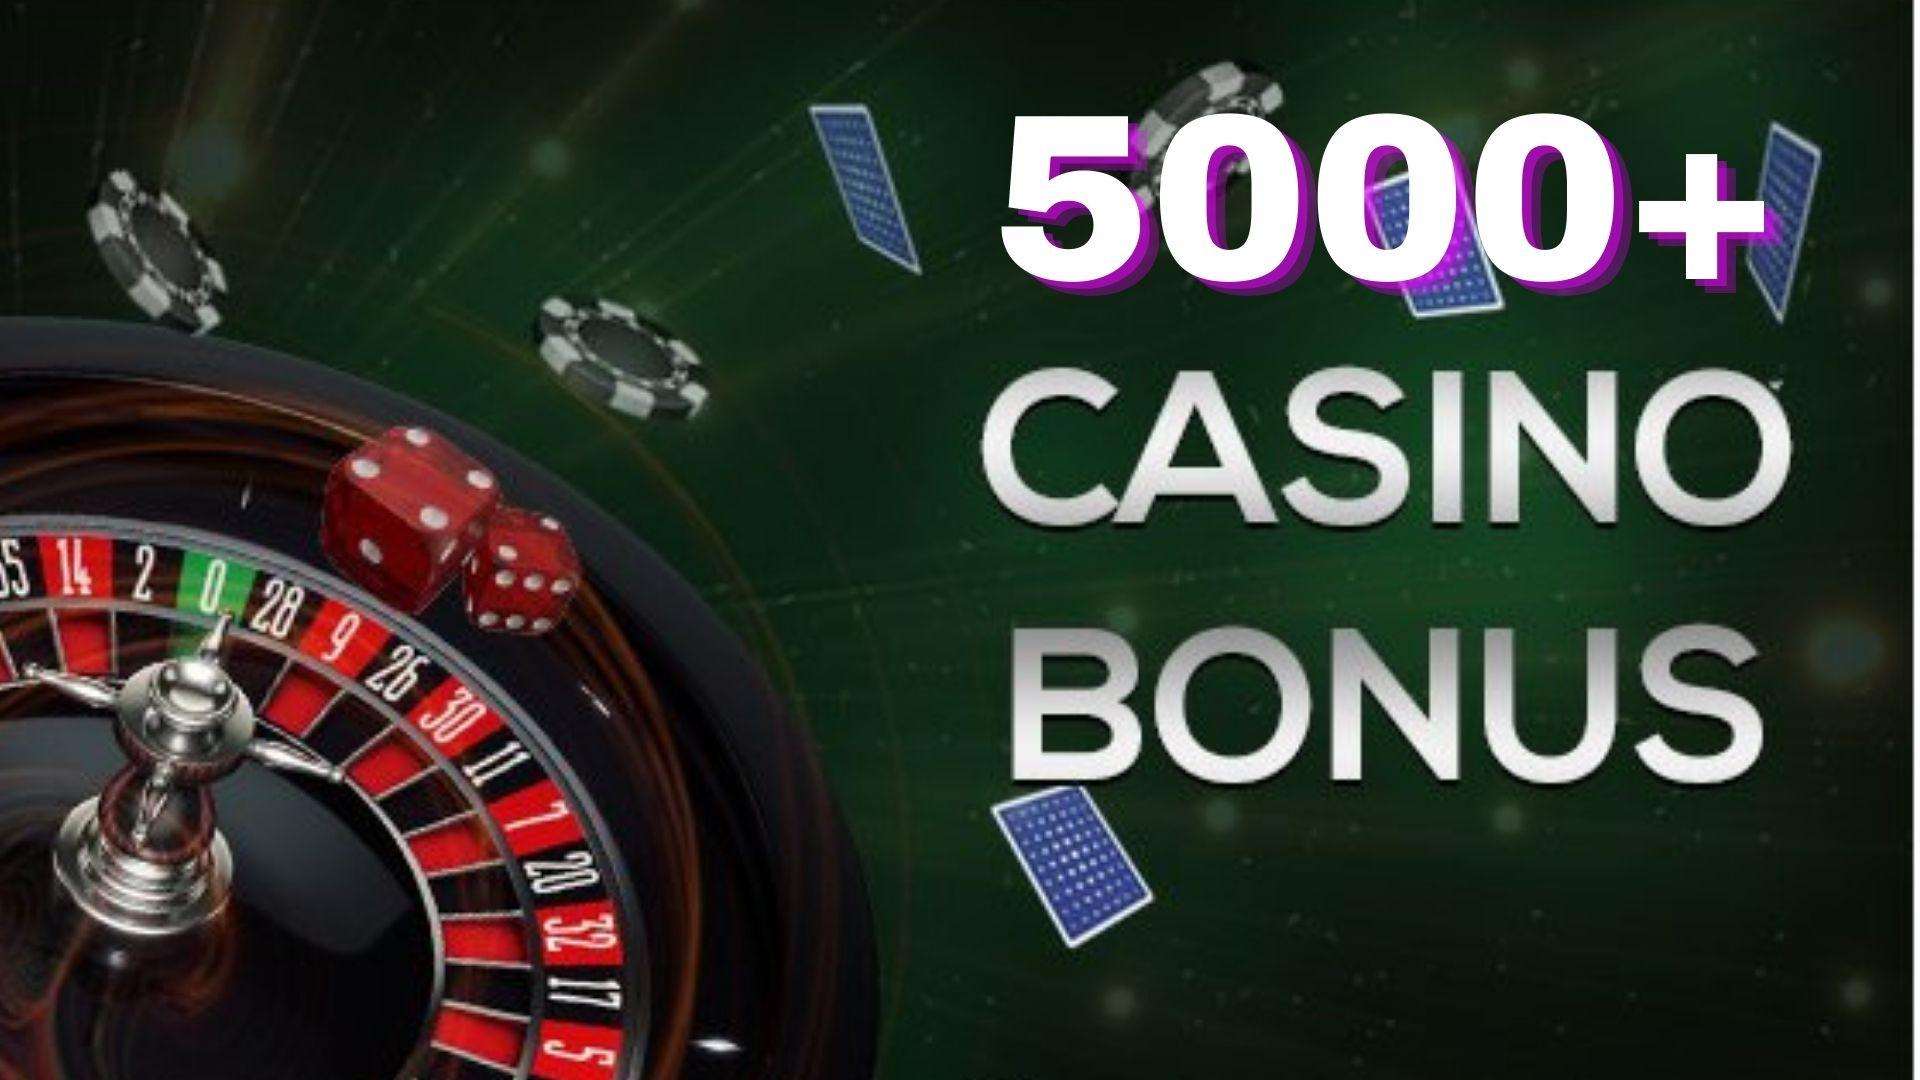 Best 5000 Casino Backlinks for Gambling Poker Sports Betting Online Casino sites